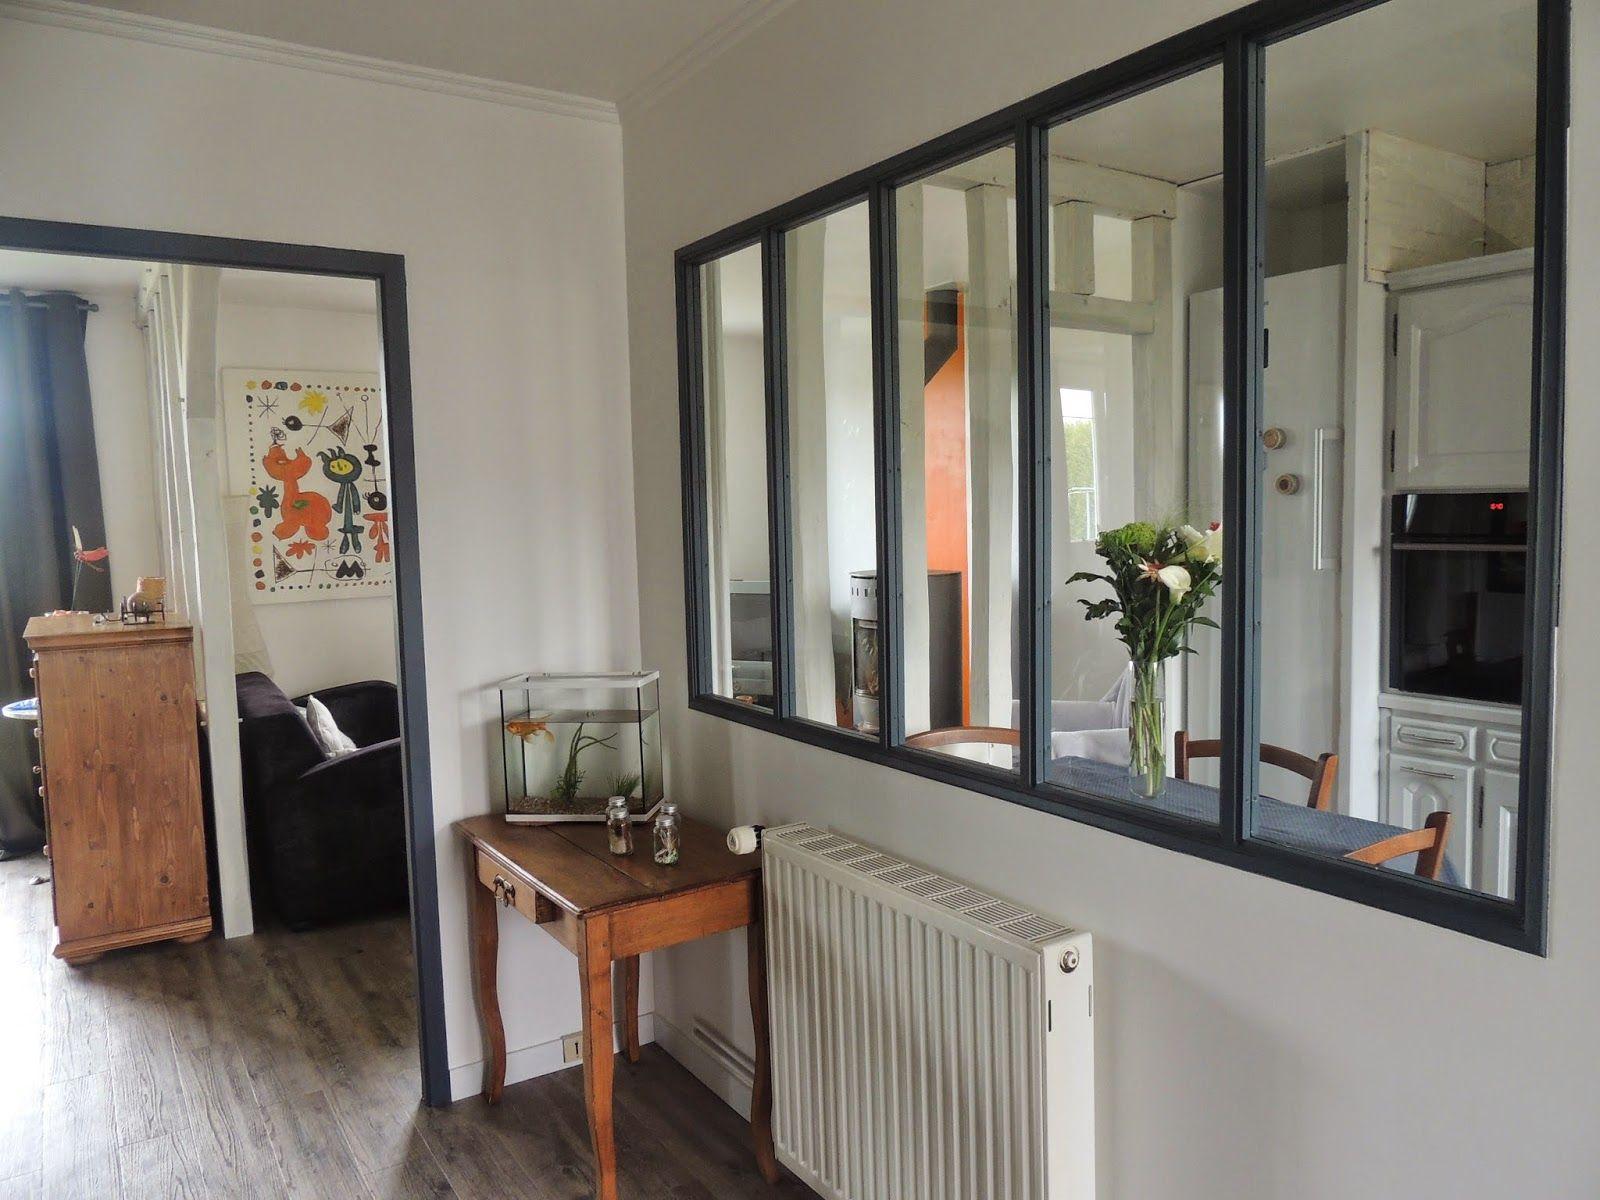 cr ation d 39 une verri re industrielle d co pinterest verri re cuisine verri re et verri re. Black Bedroom Furniture Sets. Home Design Ideas